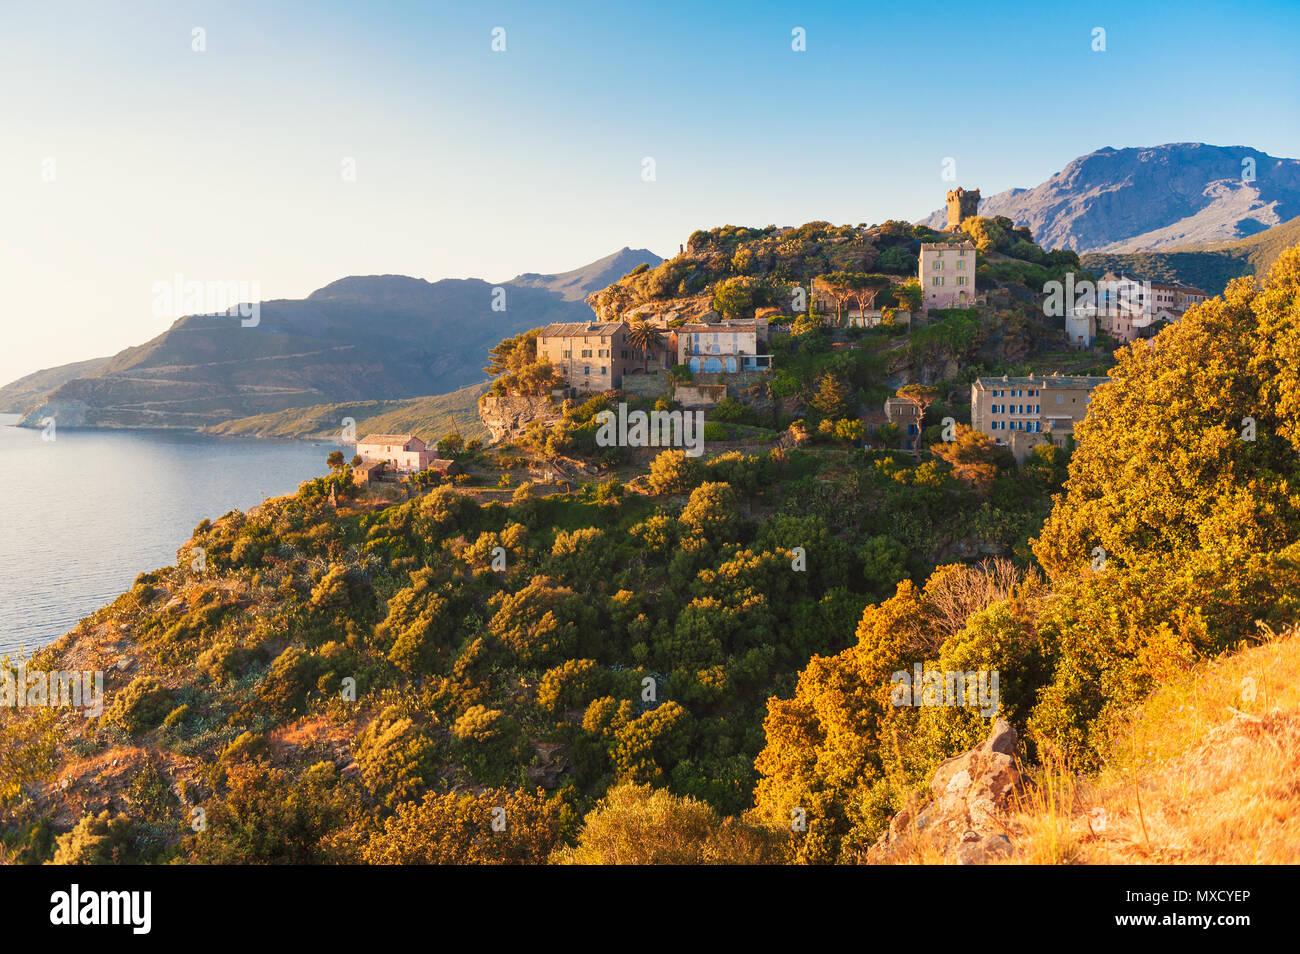 Villaggio di Nonza, Corsica, Francia al tramonto Immagini Stock